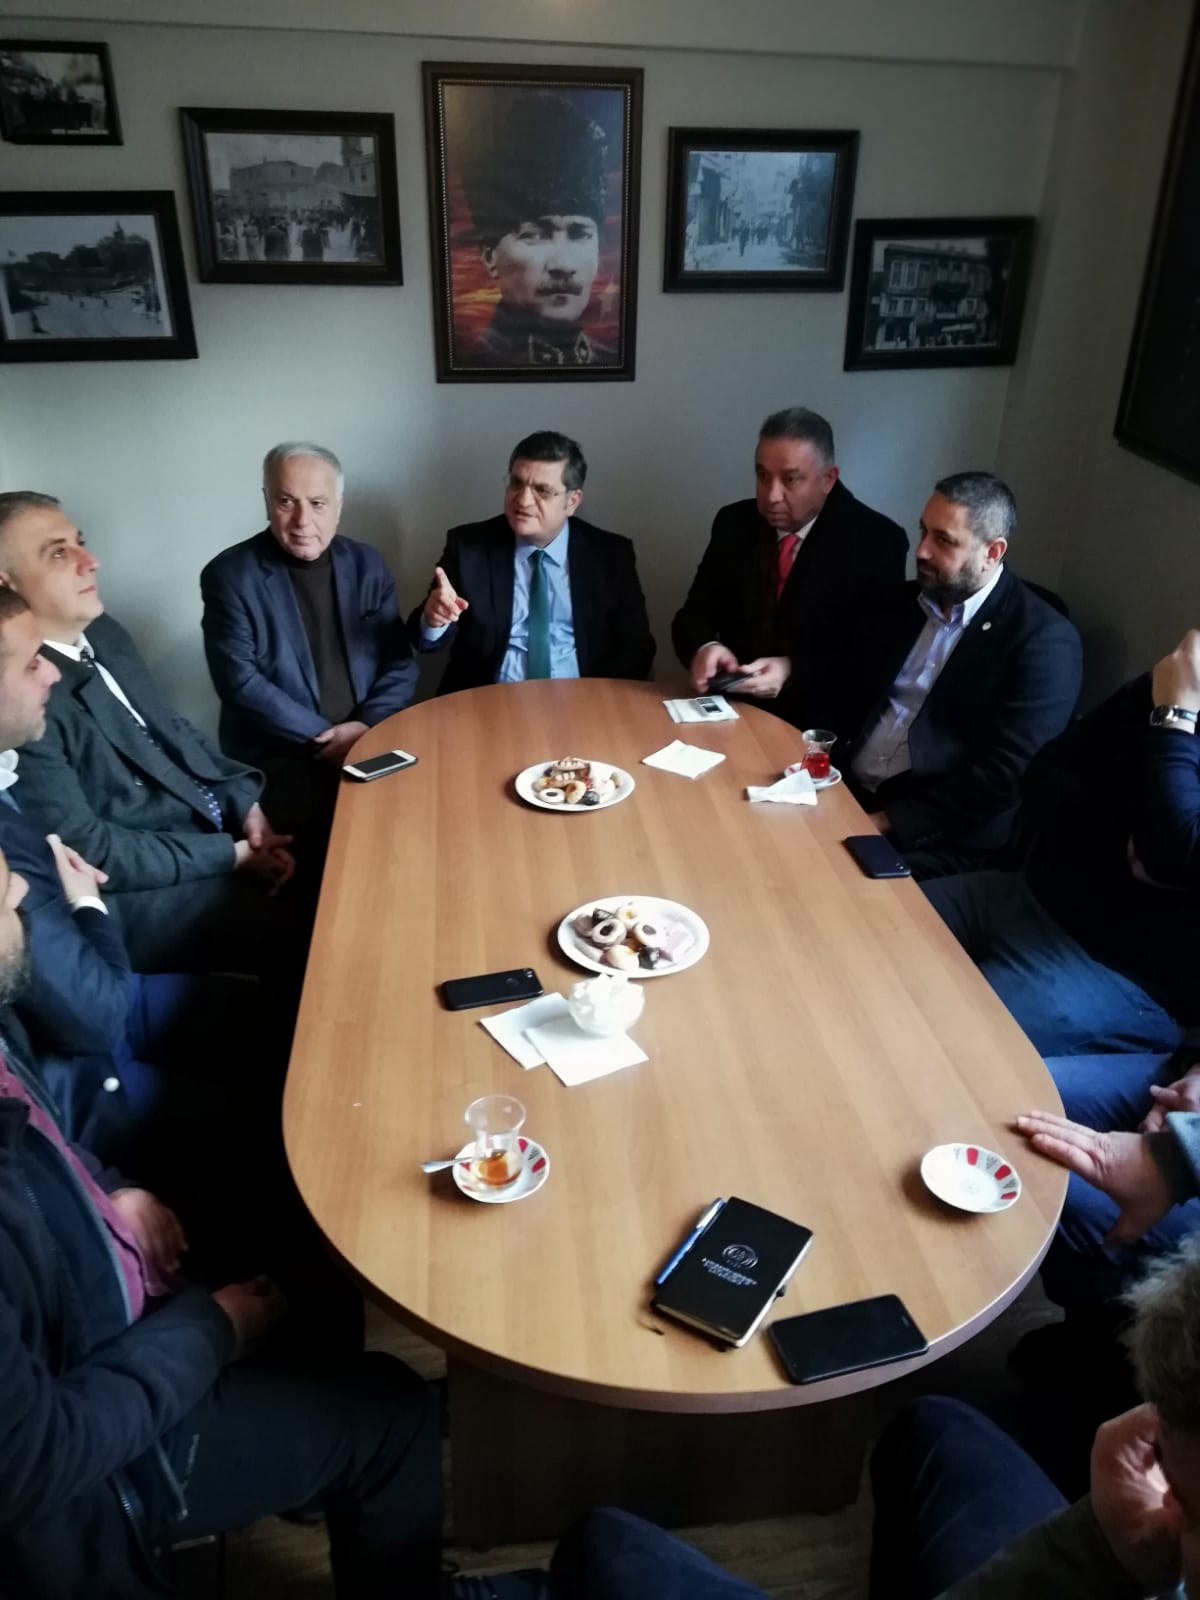 Kadıköy İlçe Kaymakamı ve Emniyet Müdüründen, Kadıköy Tarihi Çarşı Derneğine yılbaşı ziyareti